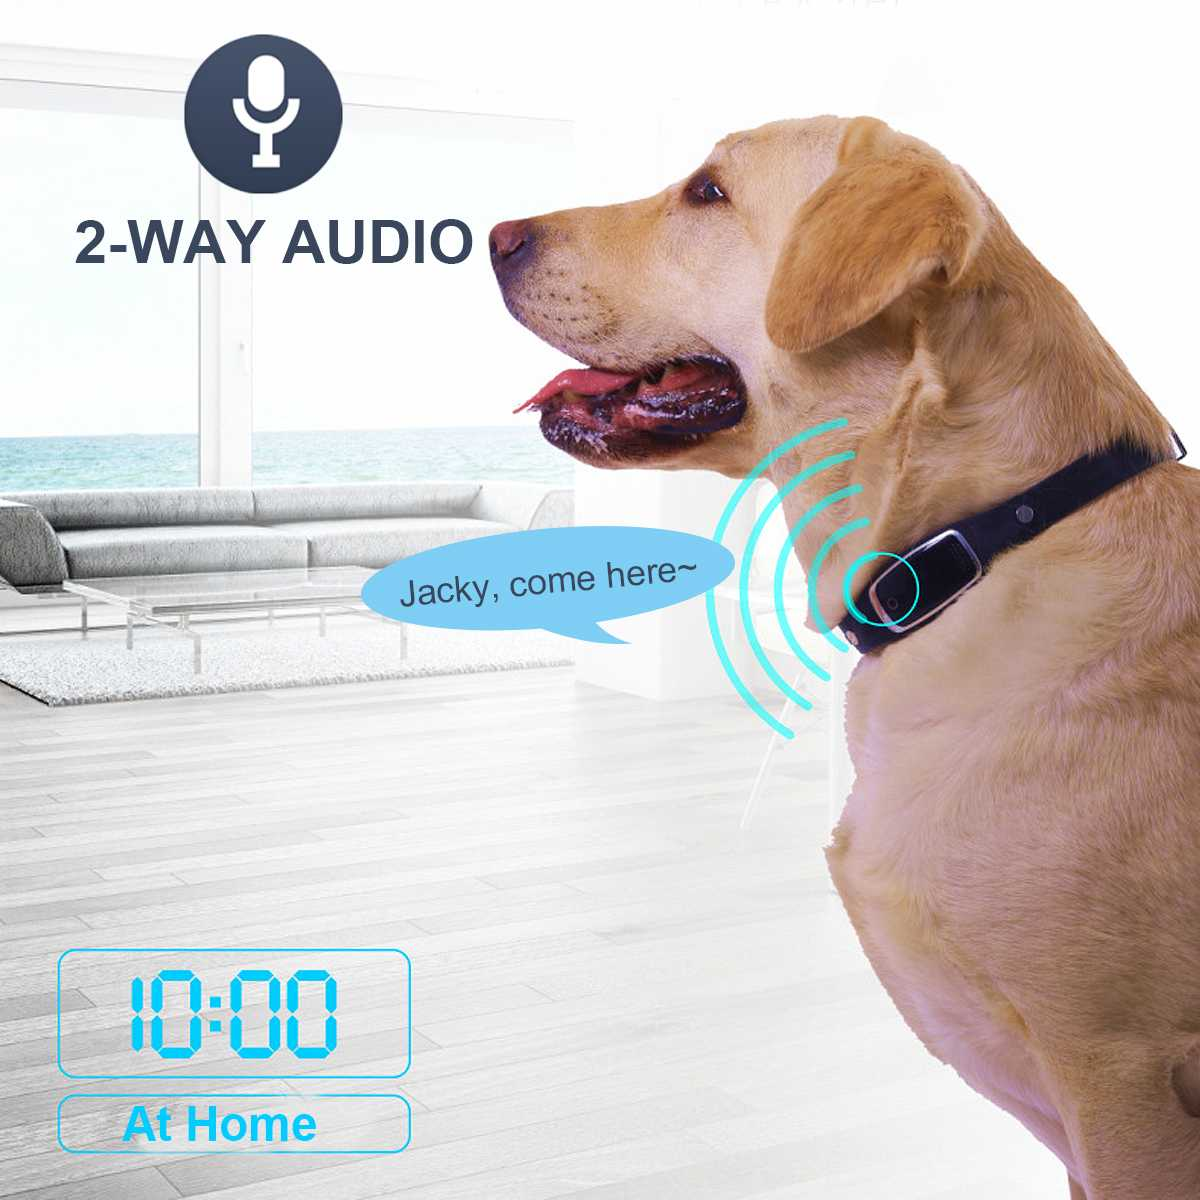 Мини водонепроницаемый ошейник для собак и кошек, идентификационный локатор для домашних животных, gps трекер, GSM устройство слежения, Wi Fi устройство слежения в реальном времени для собак, кошек, устройство слежения - 2